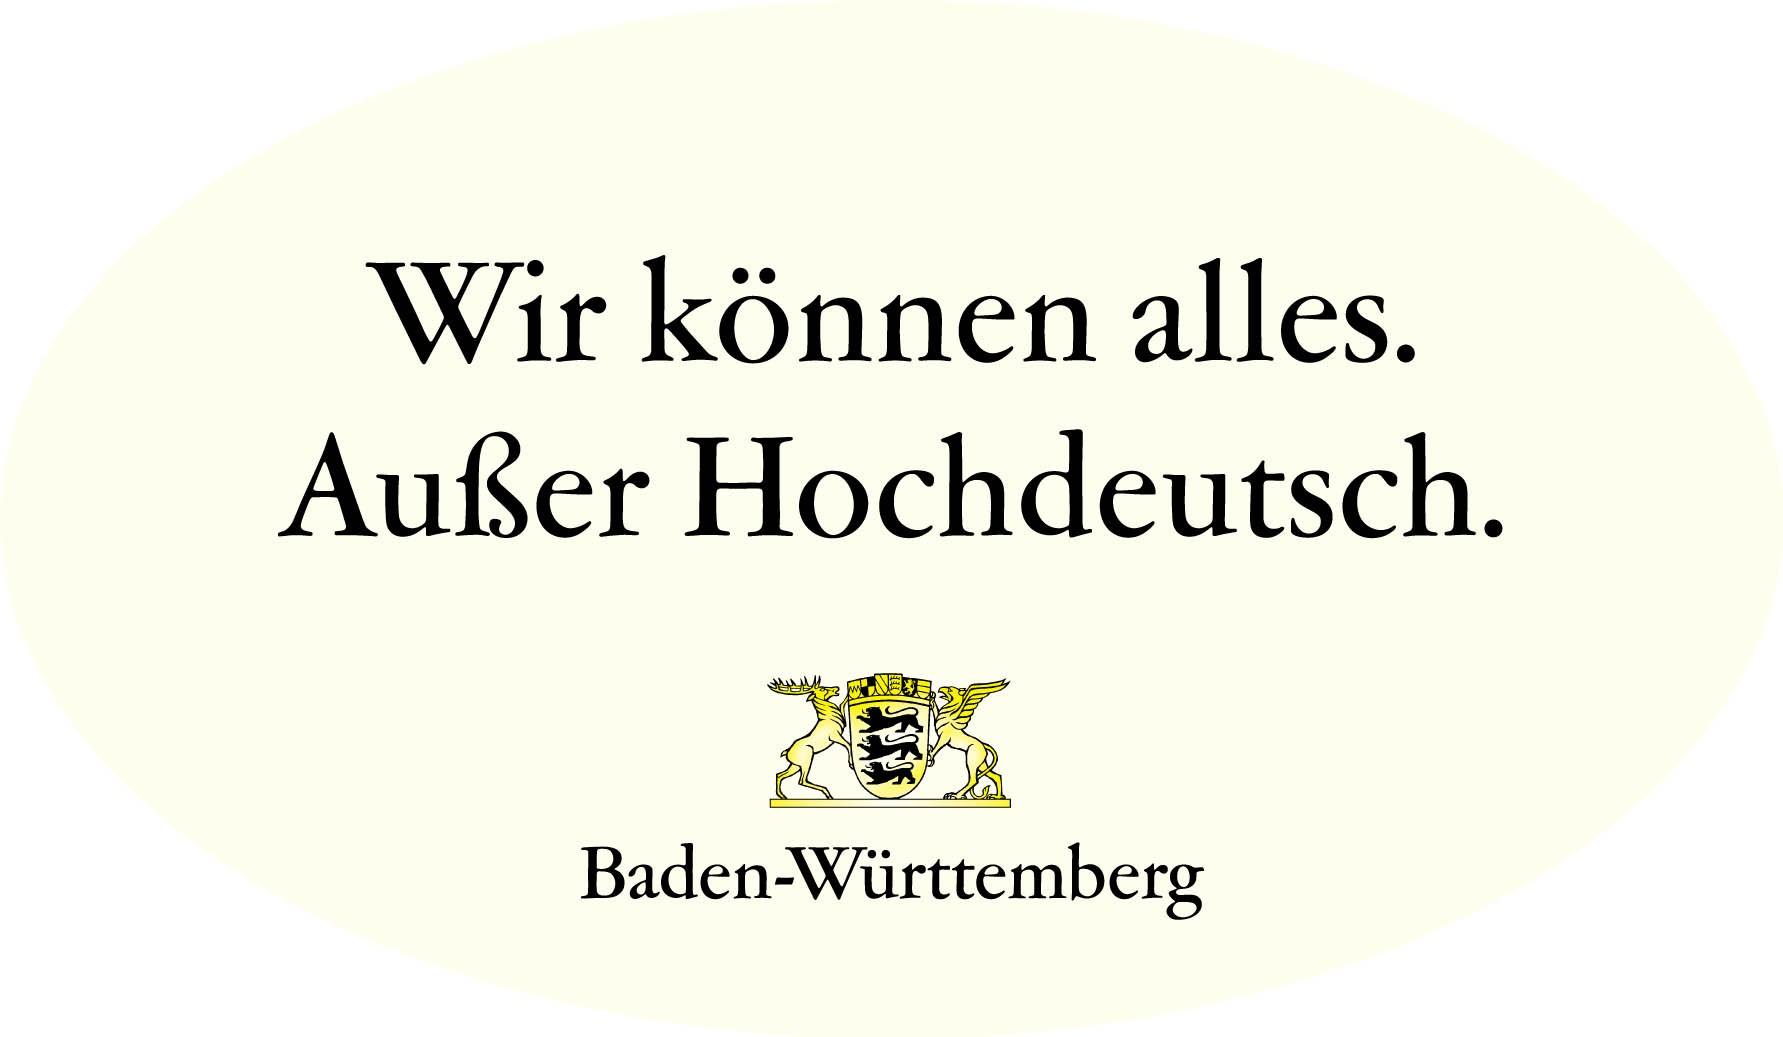 schwäbisch englisch sprüche Englisch Künstler Oettinger: Schlimmer als